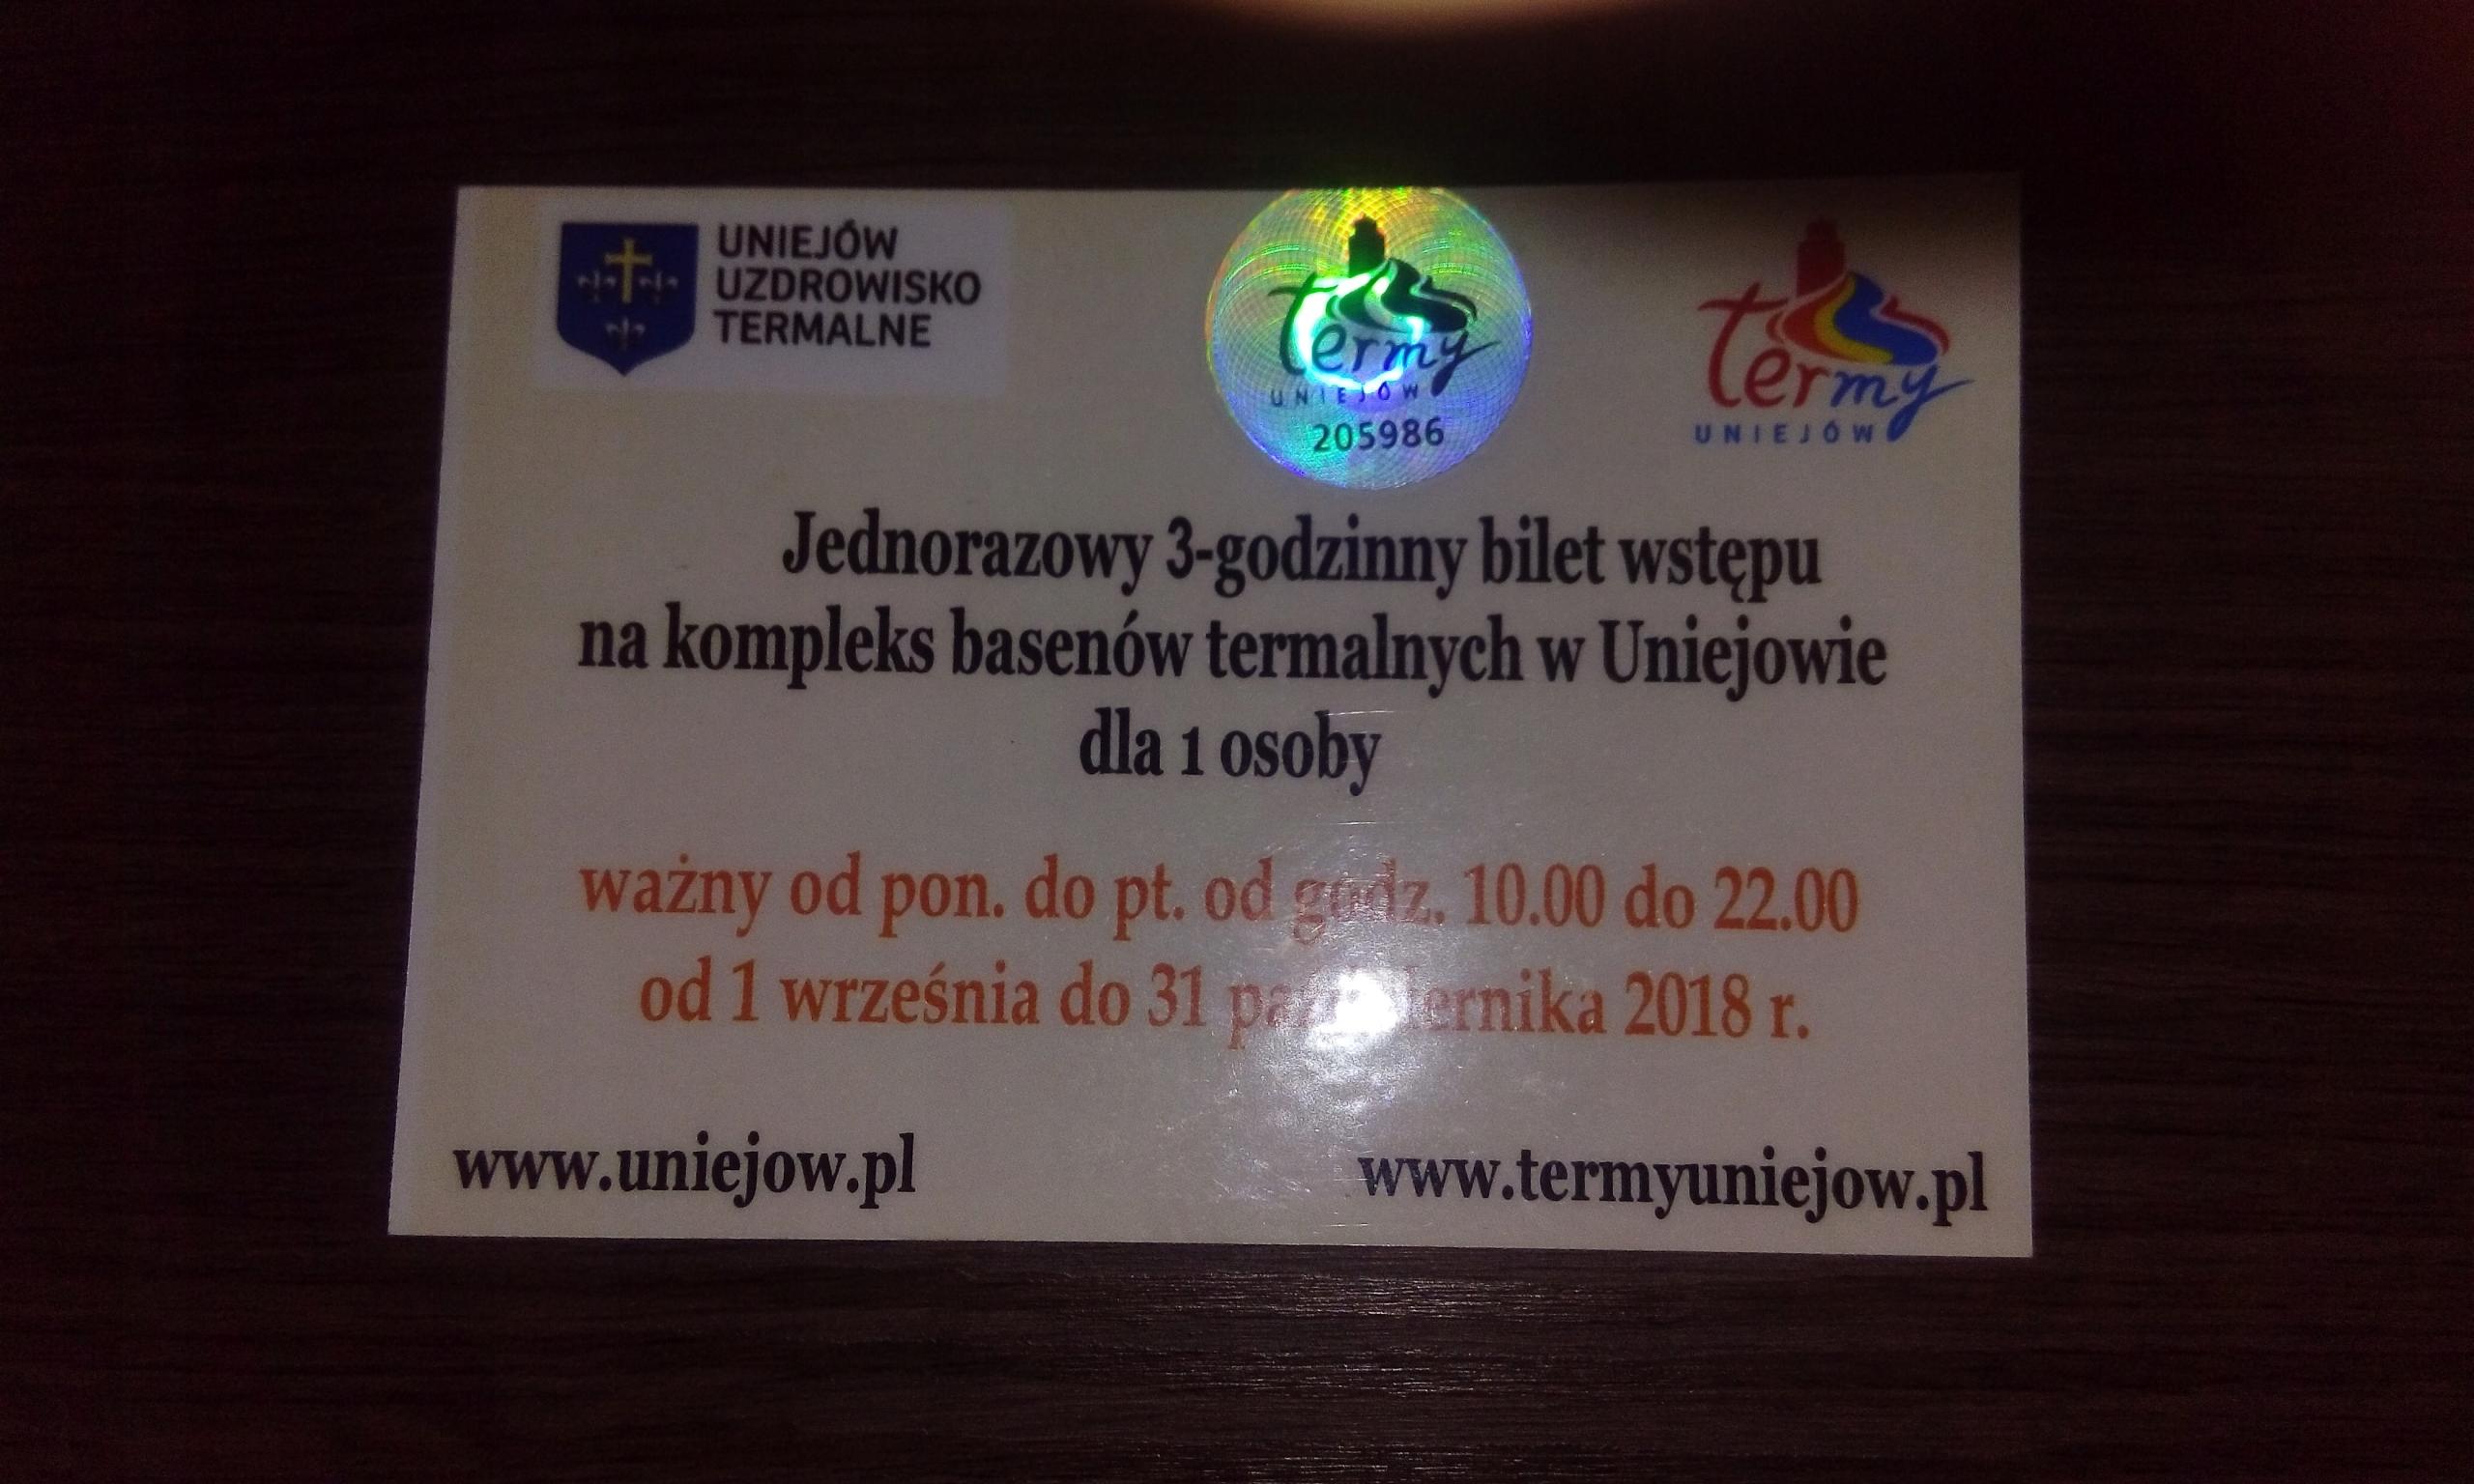 Termy Uniejów - bilet wstępu-3h !! baseny/sauny !